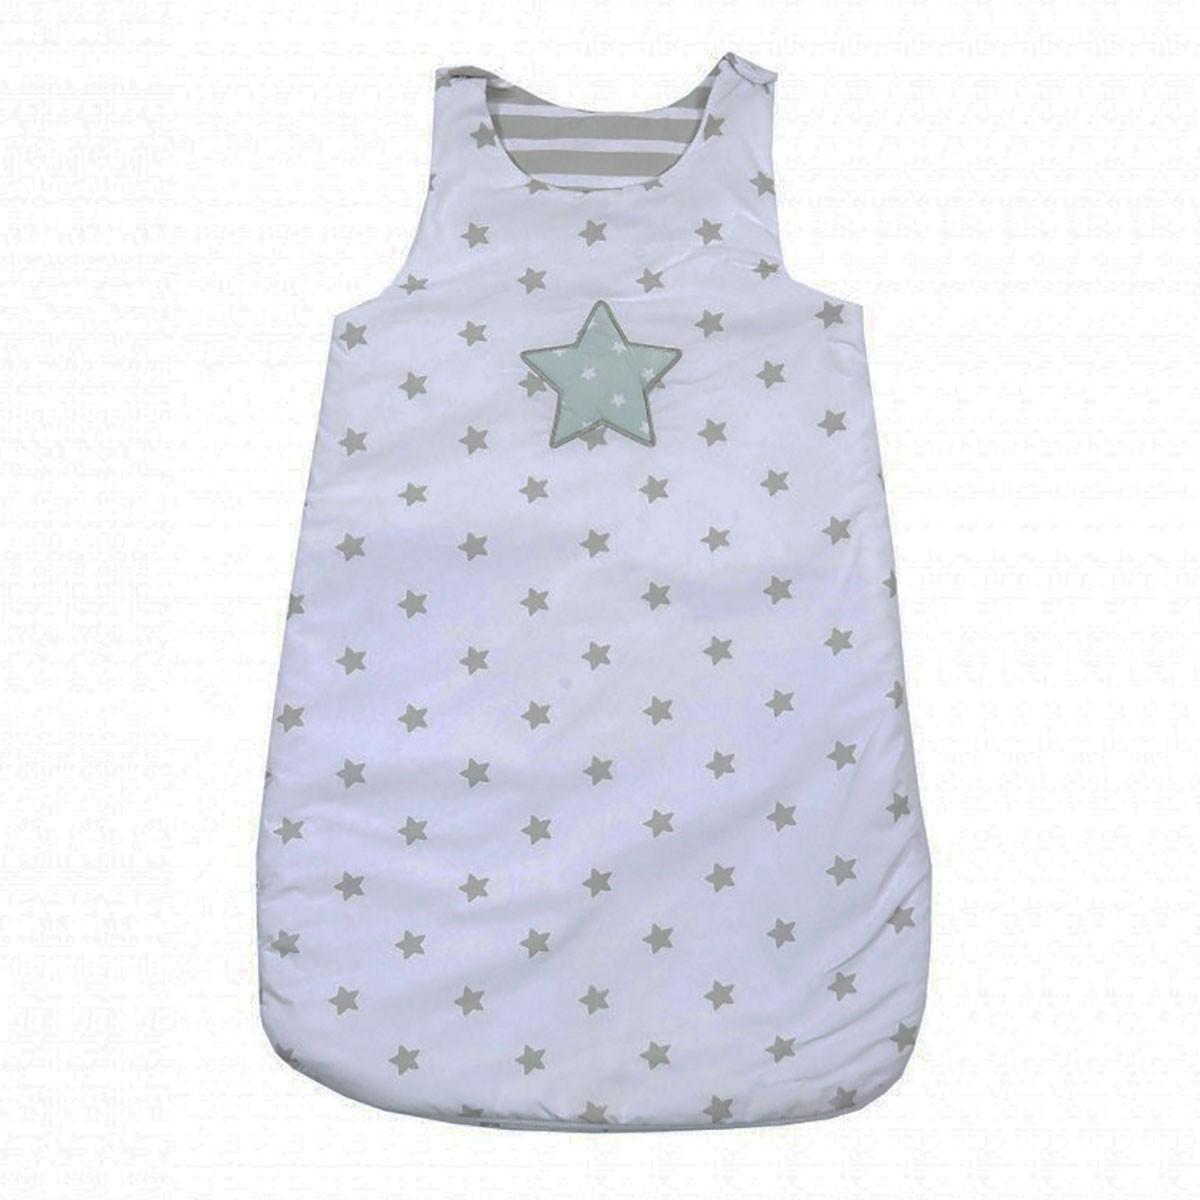 Υπνόσακος (0-6 μηνών) Laura Ashley Rock Star 58109